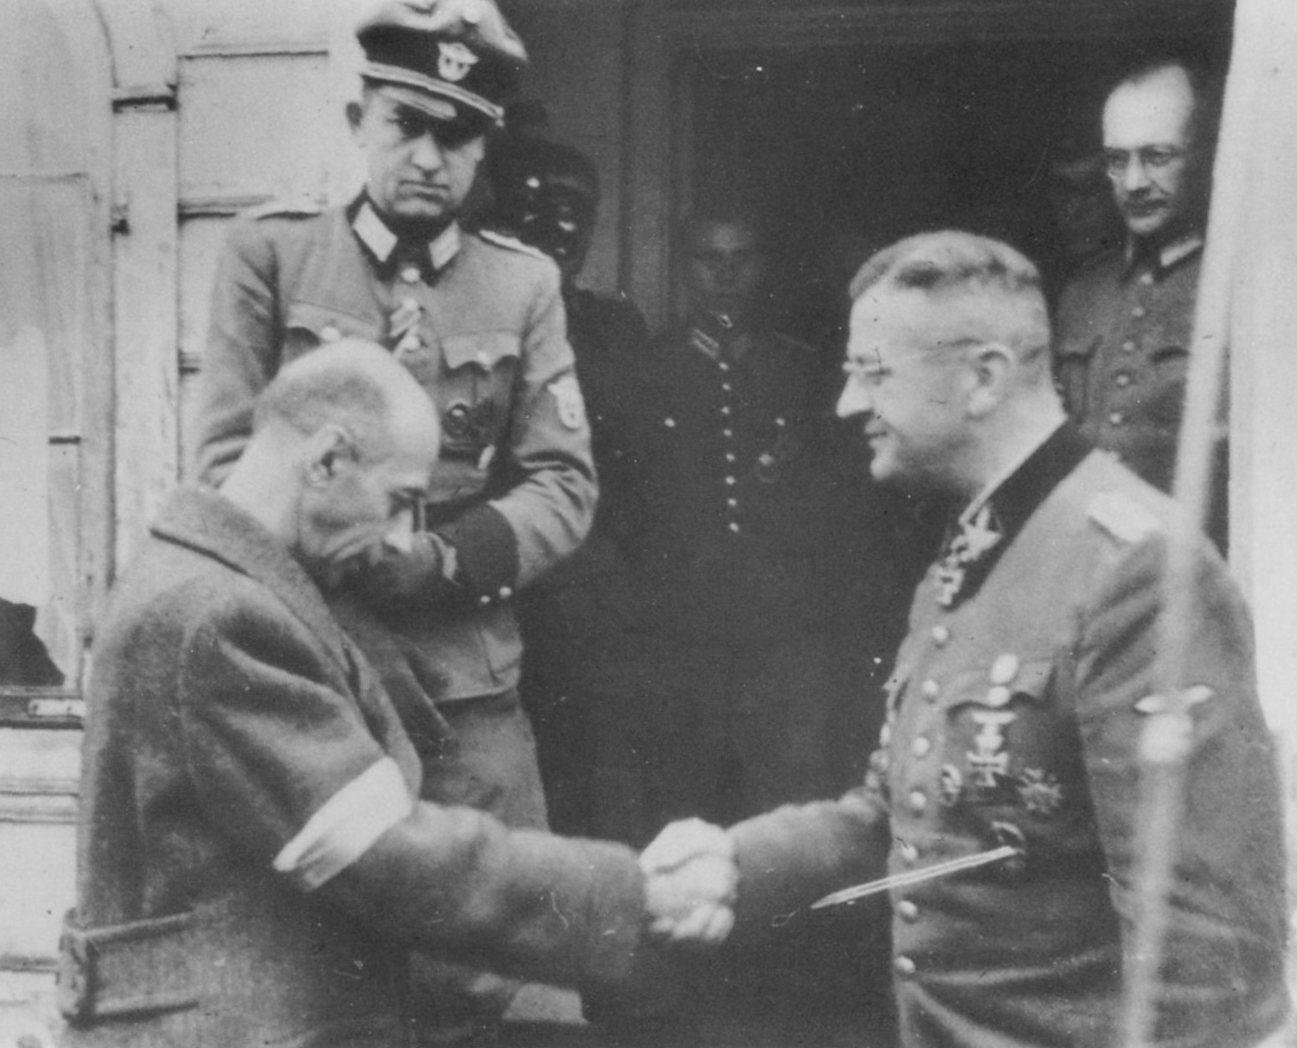 https://upload.wikimedia.org/wikipedia/commons/7/79/Tadeusz_Bor_Komorowski_and_Erich_von_dem_Bach_in_Ozarow.jpg